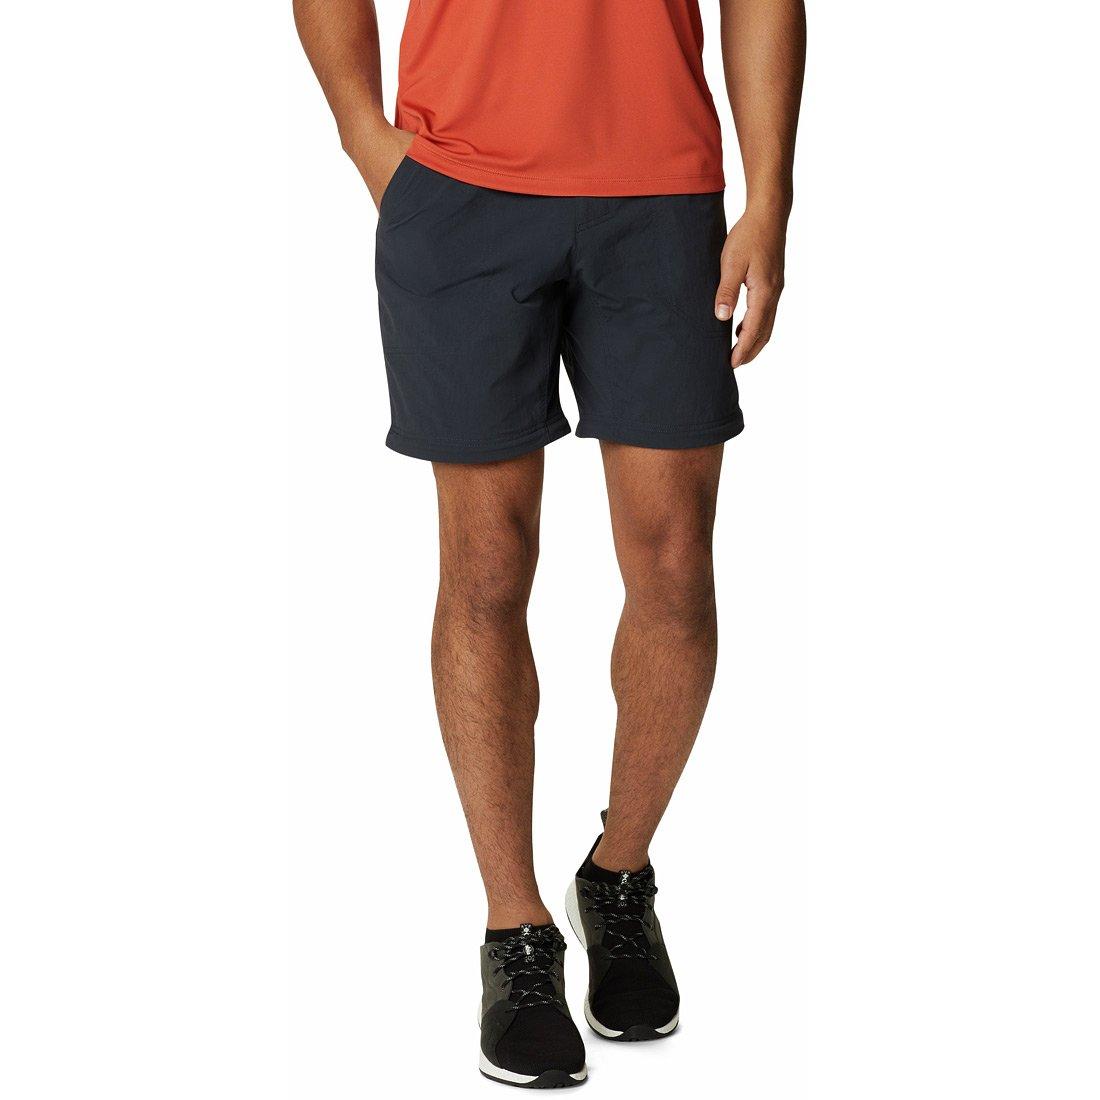 מכנסיים מתפרקים לגברים - Stryder Convertible Pant - Mountain Hardwear